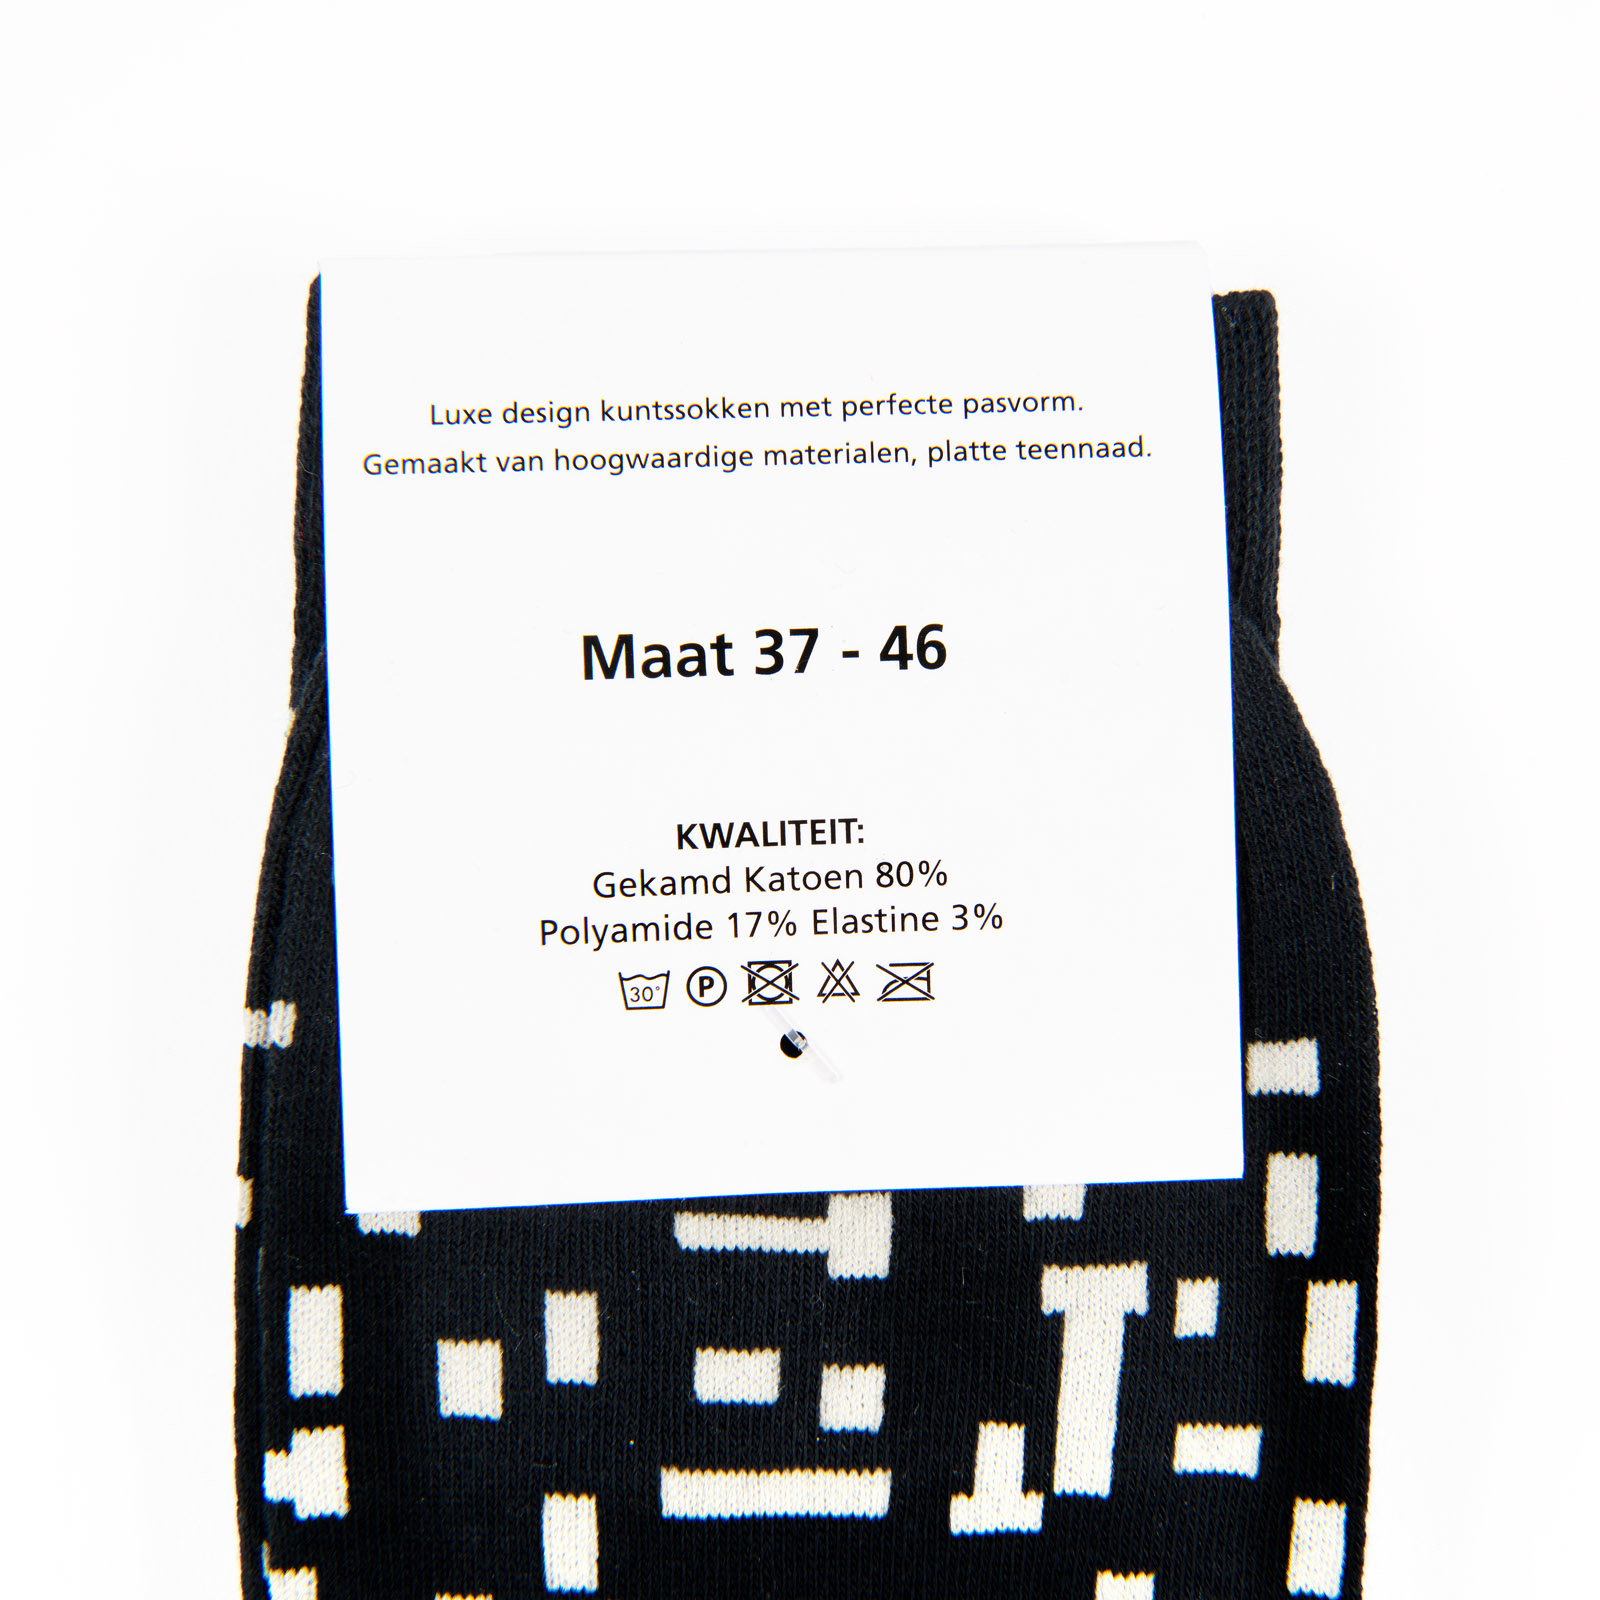 Mondriaan sokken gezocht?